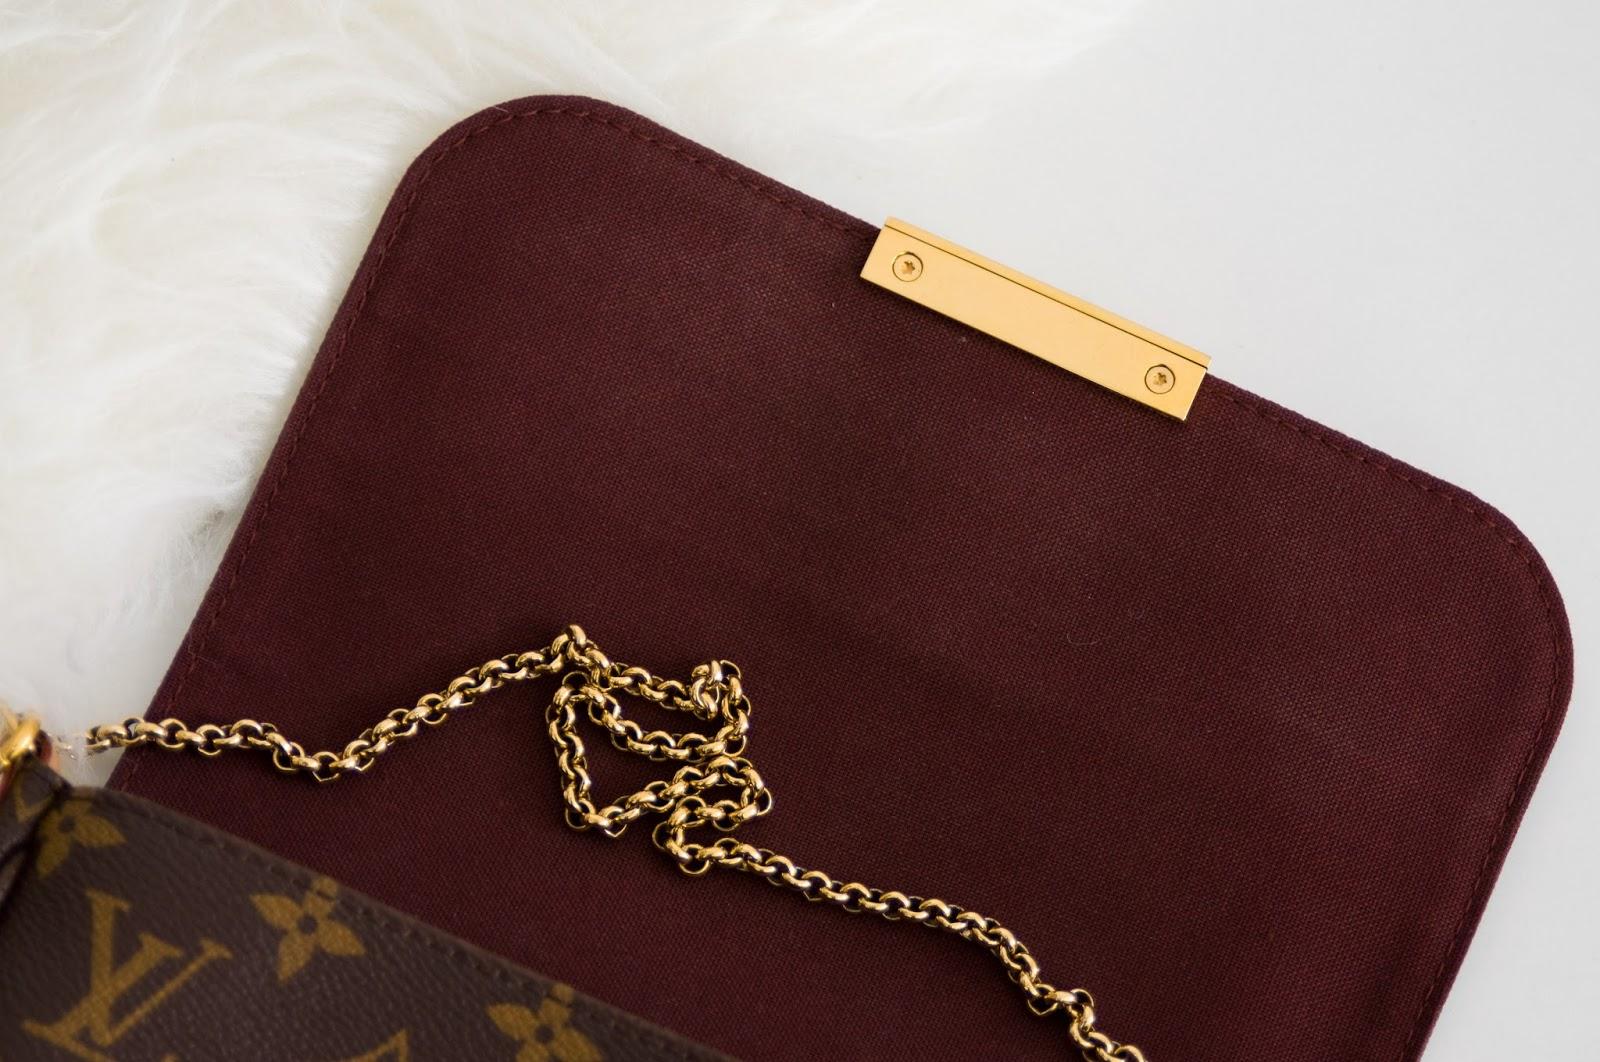 ced153d36f08b Zapięcie torebki jest przymocowane na dwóch imbusowych śrubach. Magnes  działa bez zarzutu mimo częstego używania, torebkę można łatwo zamknąć.